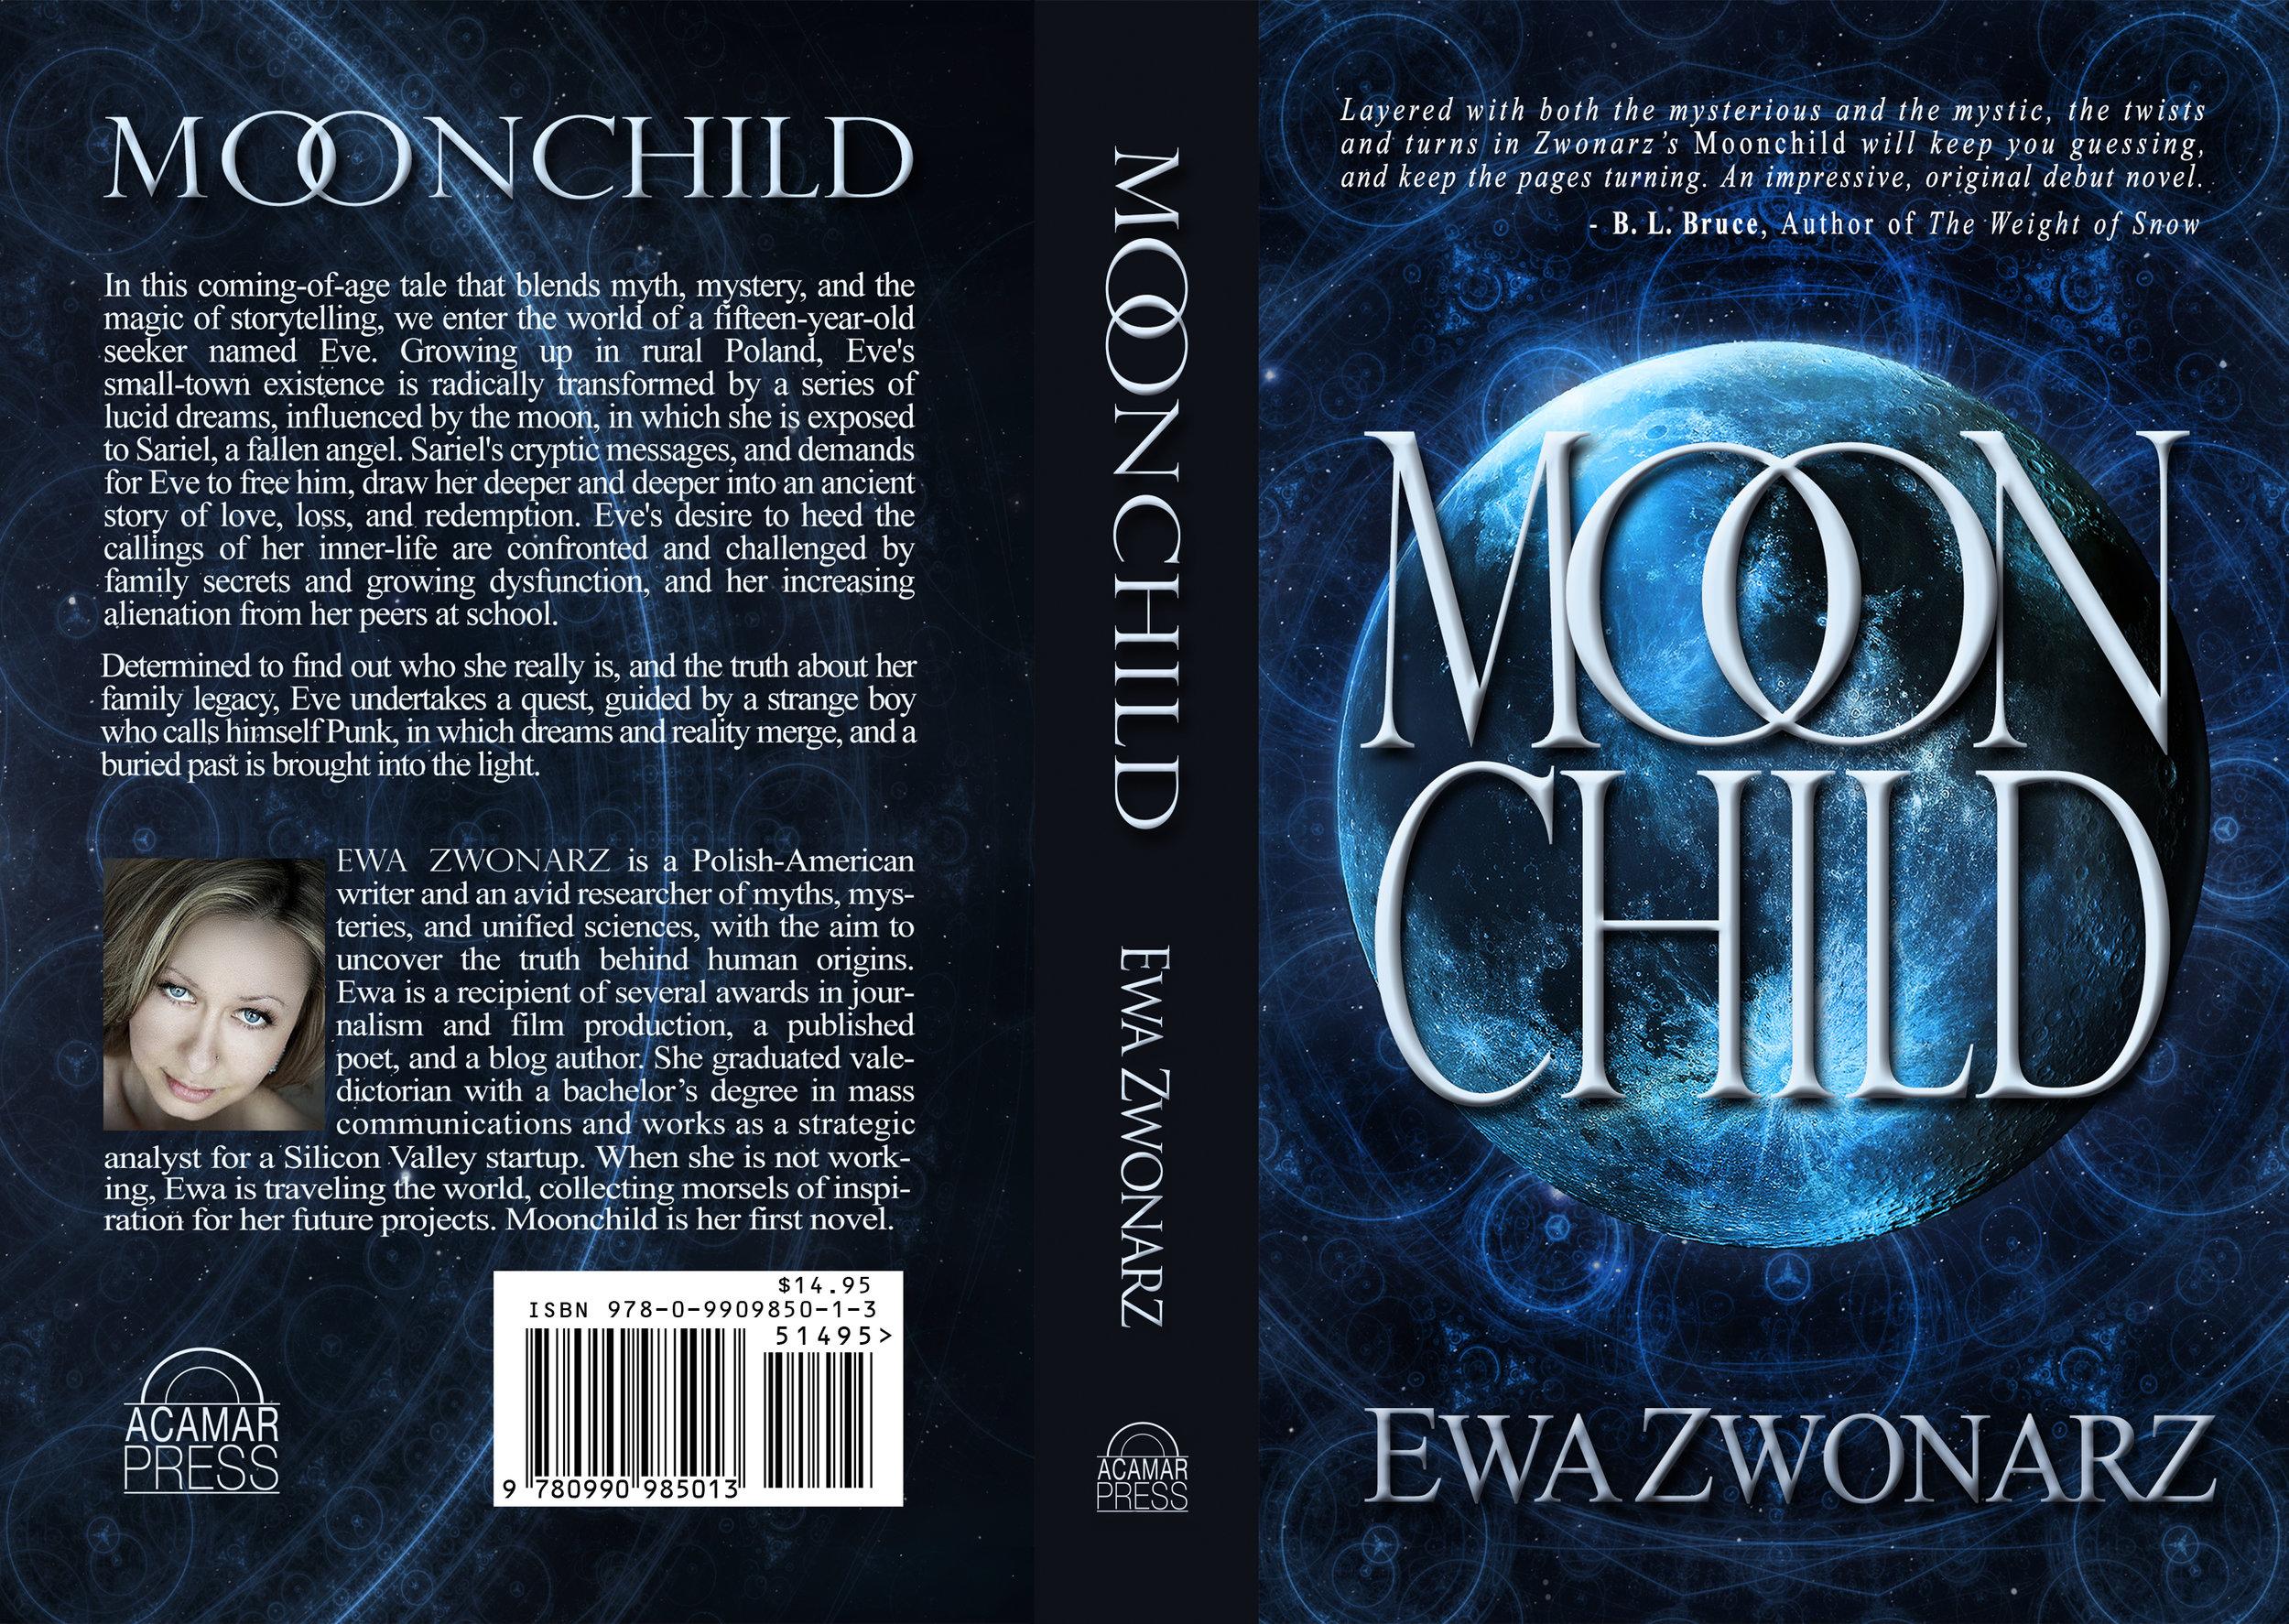 Moonchild_FullCover.jpg